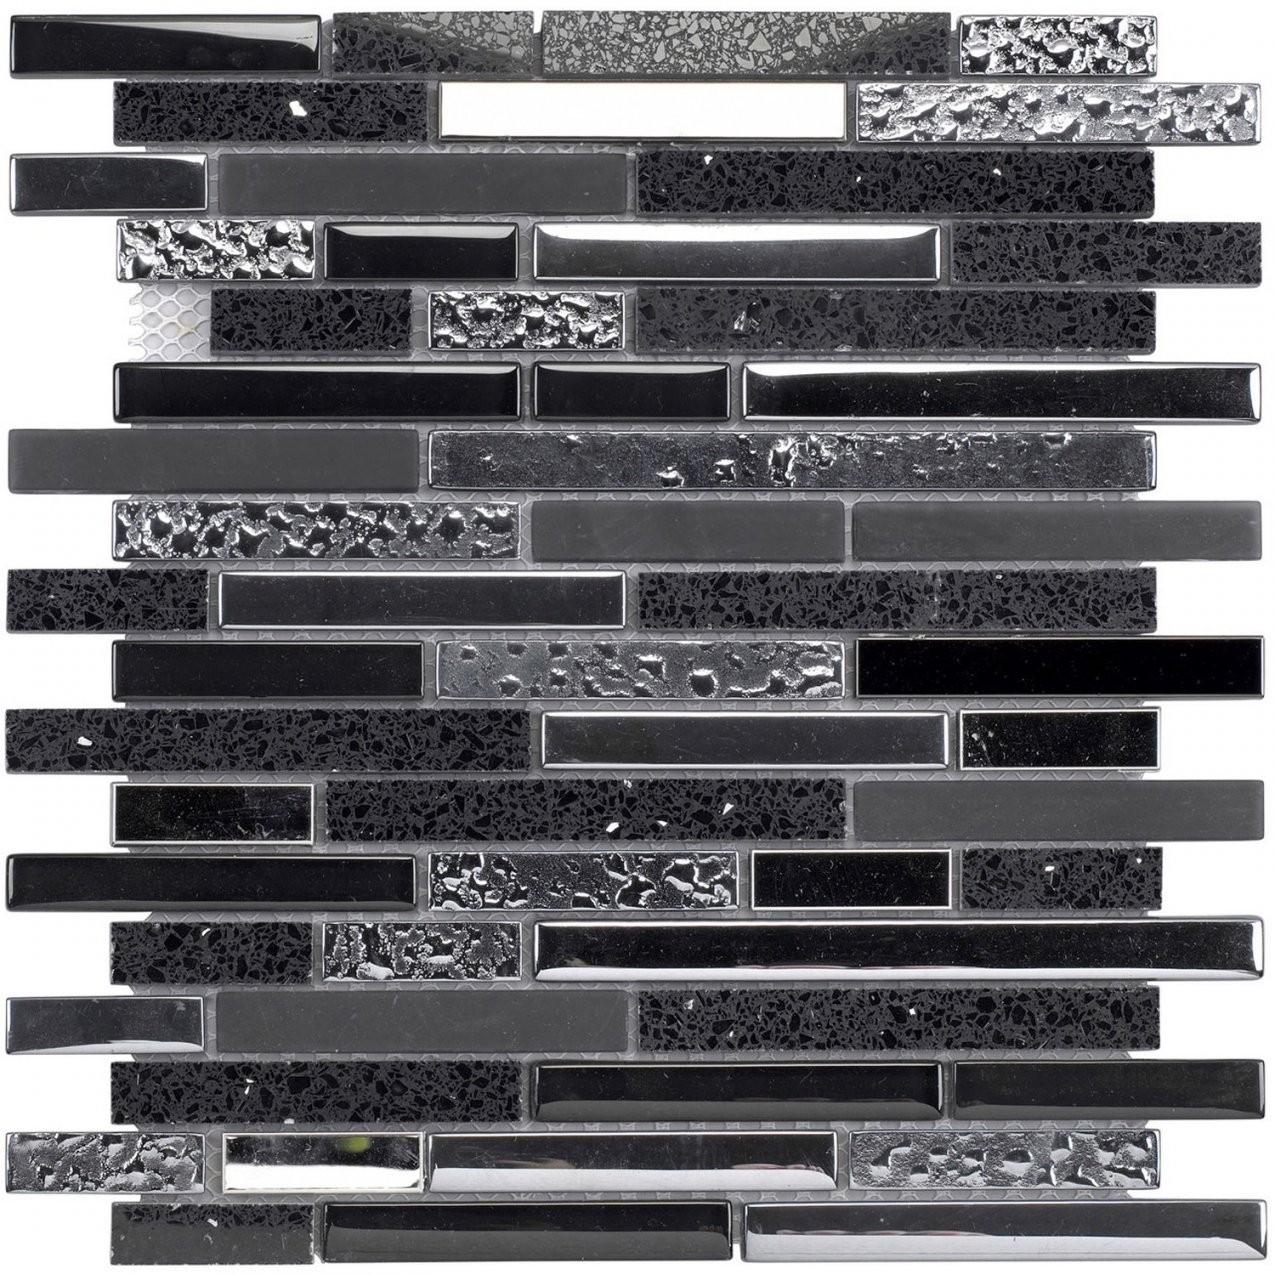 Quarzmosaikmatte Schwarz 30 Cm X 30 Cm Kaufen Bei Obi von Mosaik Fliesen Obi Bild